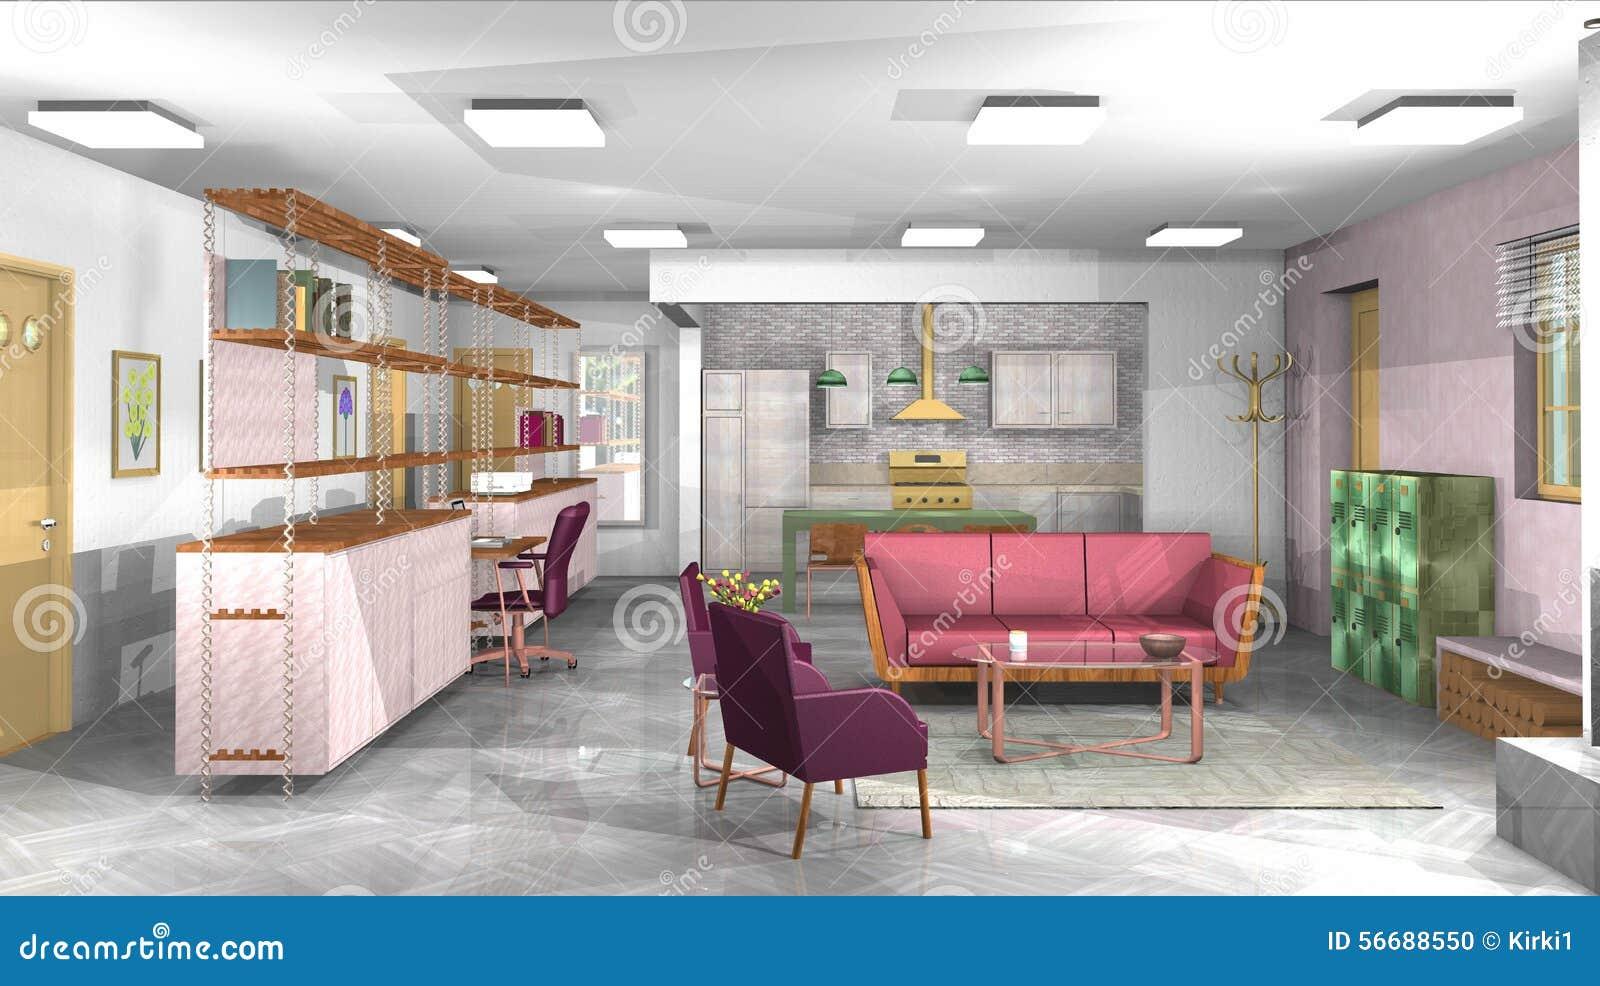 industrielles rustikales modernes wohnzimmer mit b ro und offene k che stockfoto bild von. Black Bedroom Furniture Sets. Home Design Ideas